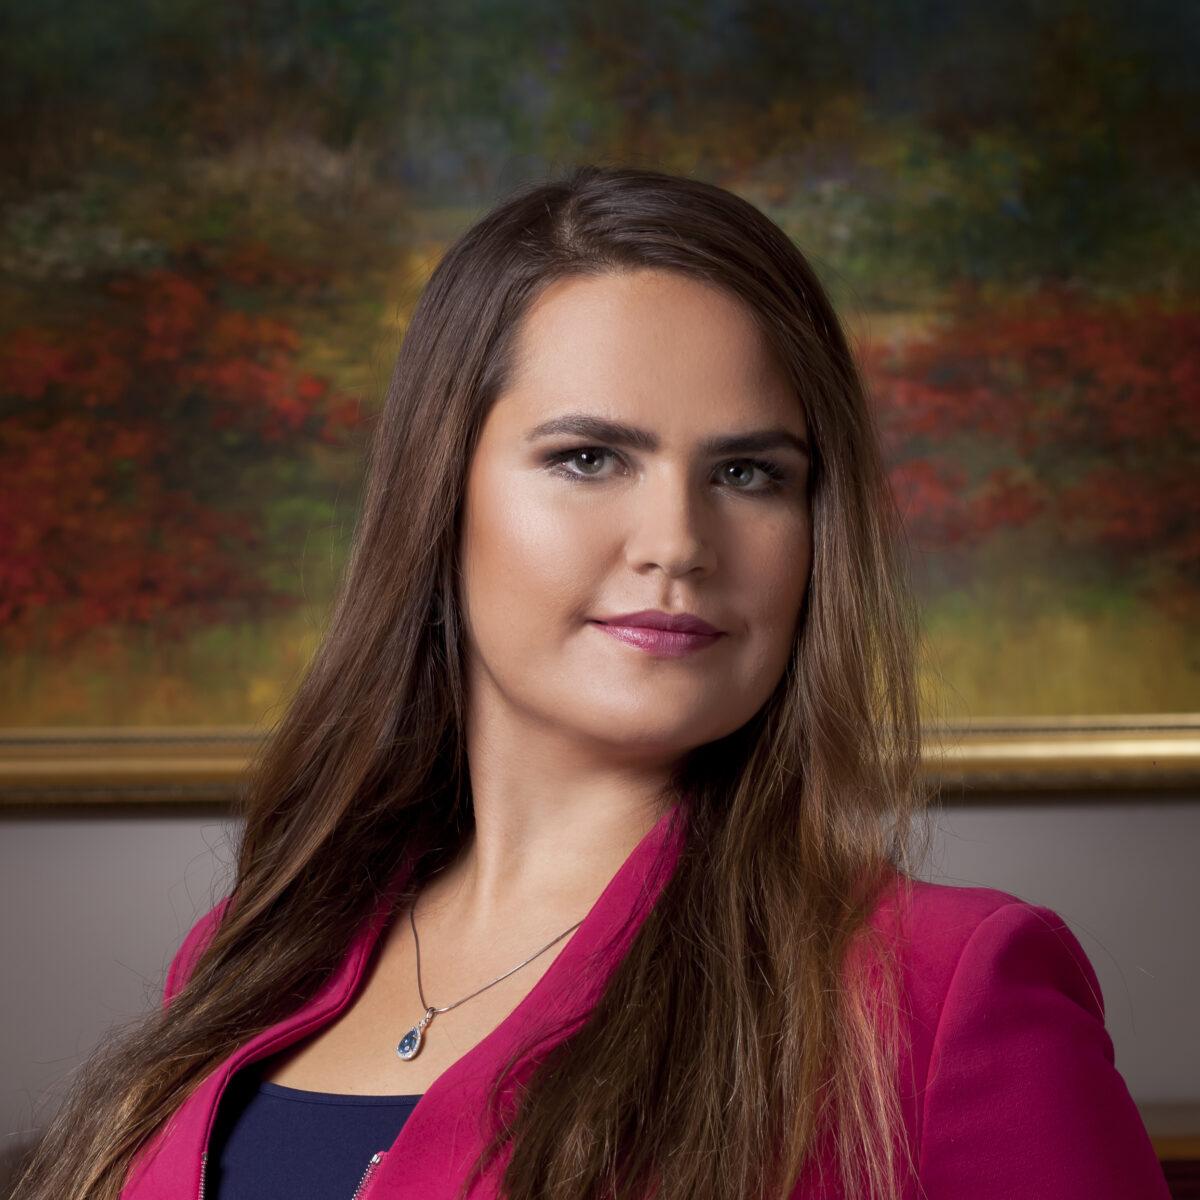 Kinga Hanna Stachowiak rezygnuje z funkcji Wspólnika Zarządzającego w Kancelariach Prawnych Skarbiec